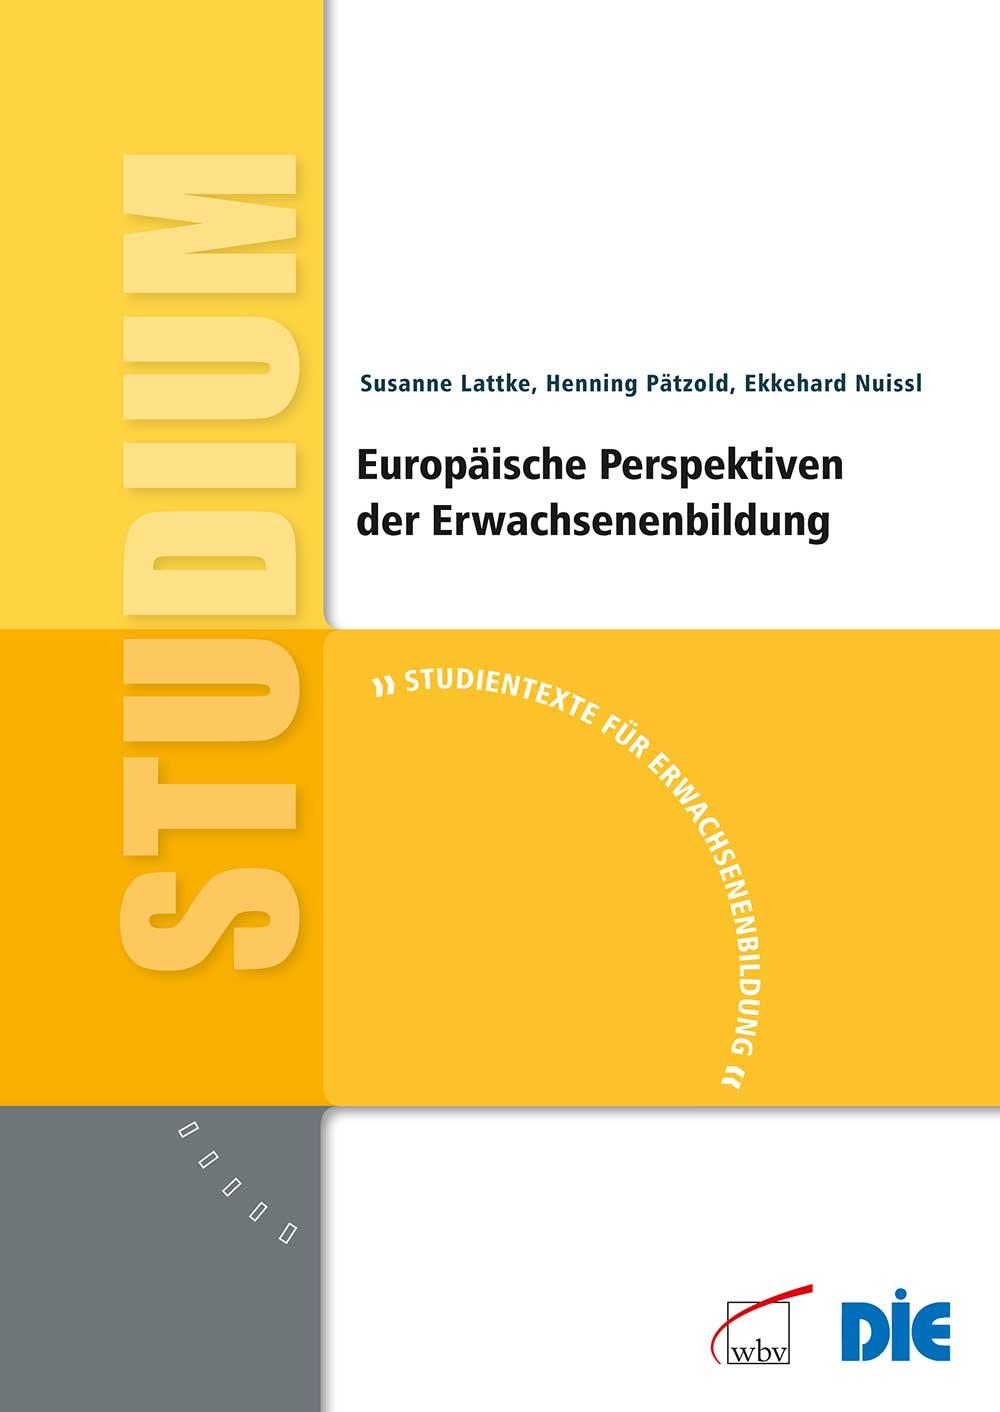 Europäische Perspektiven der Erwachsenenbildung - Ekkehard Nuissl